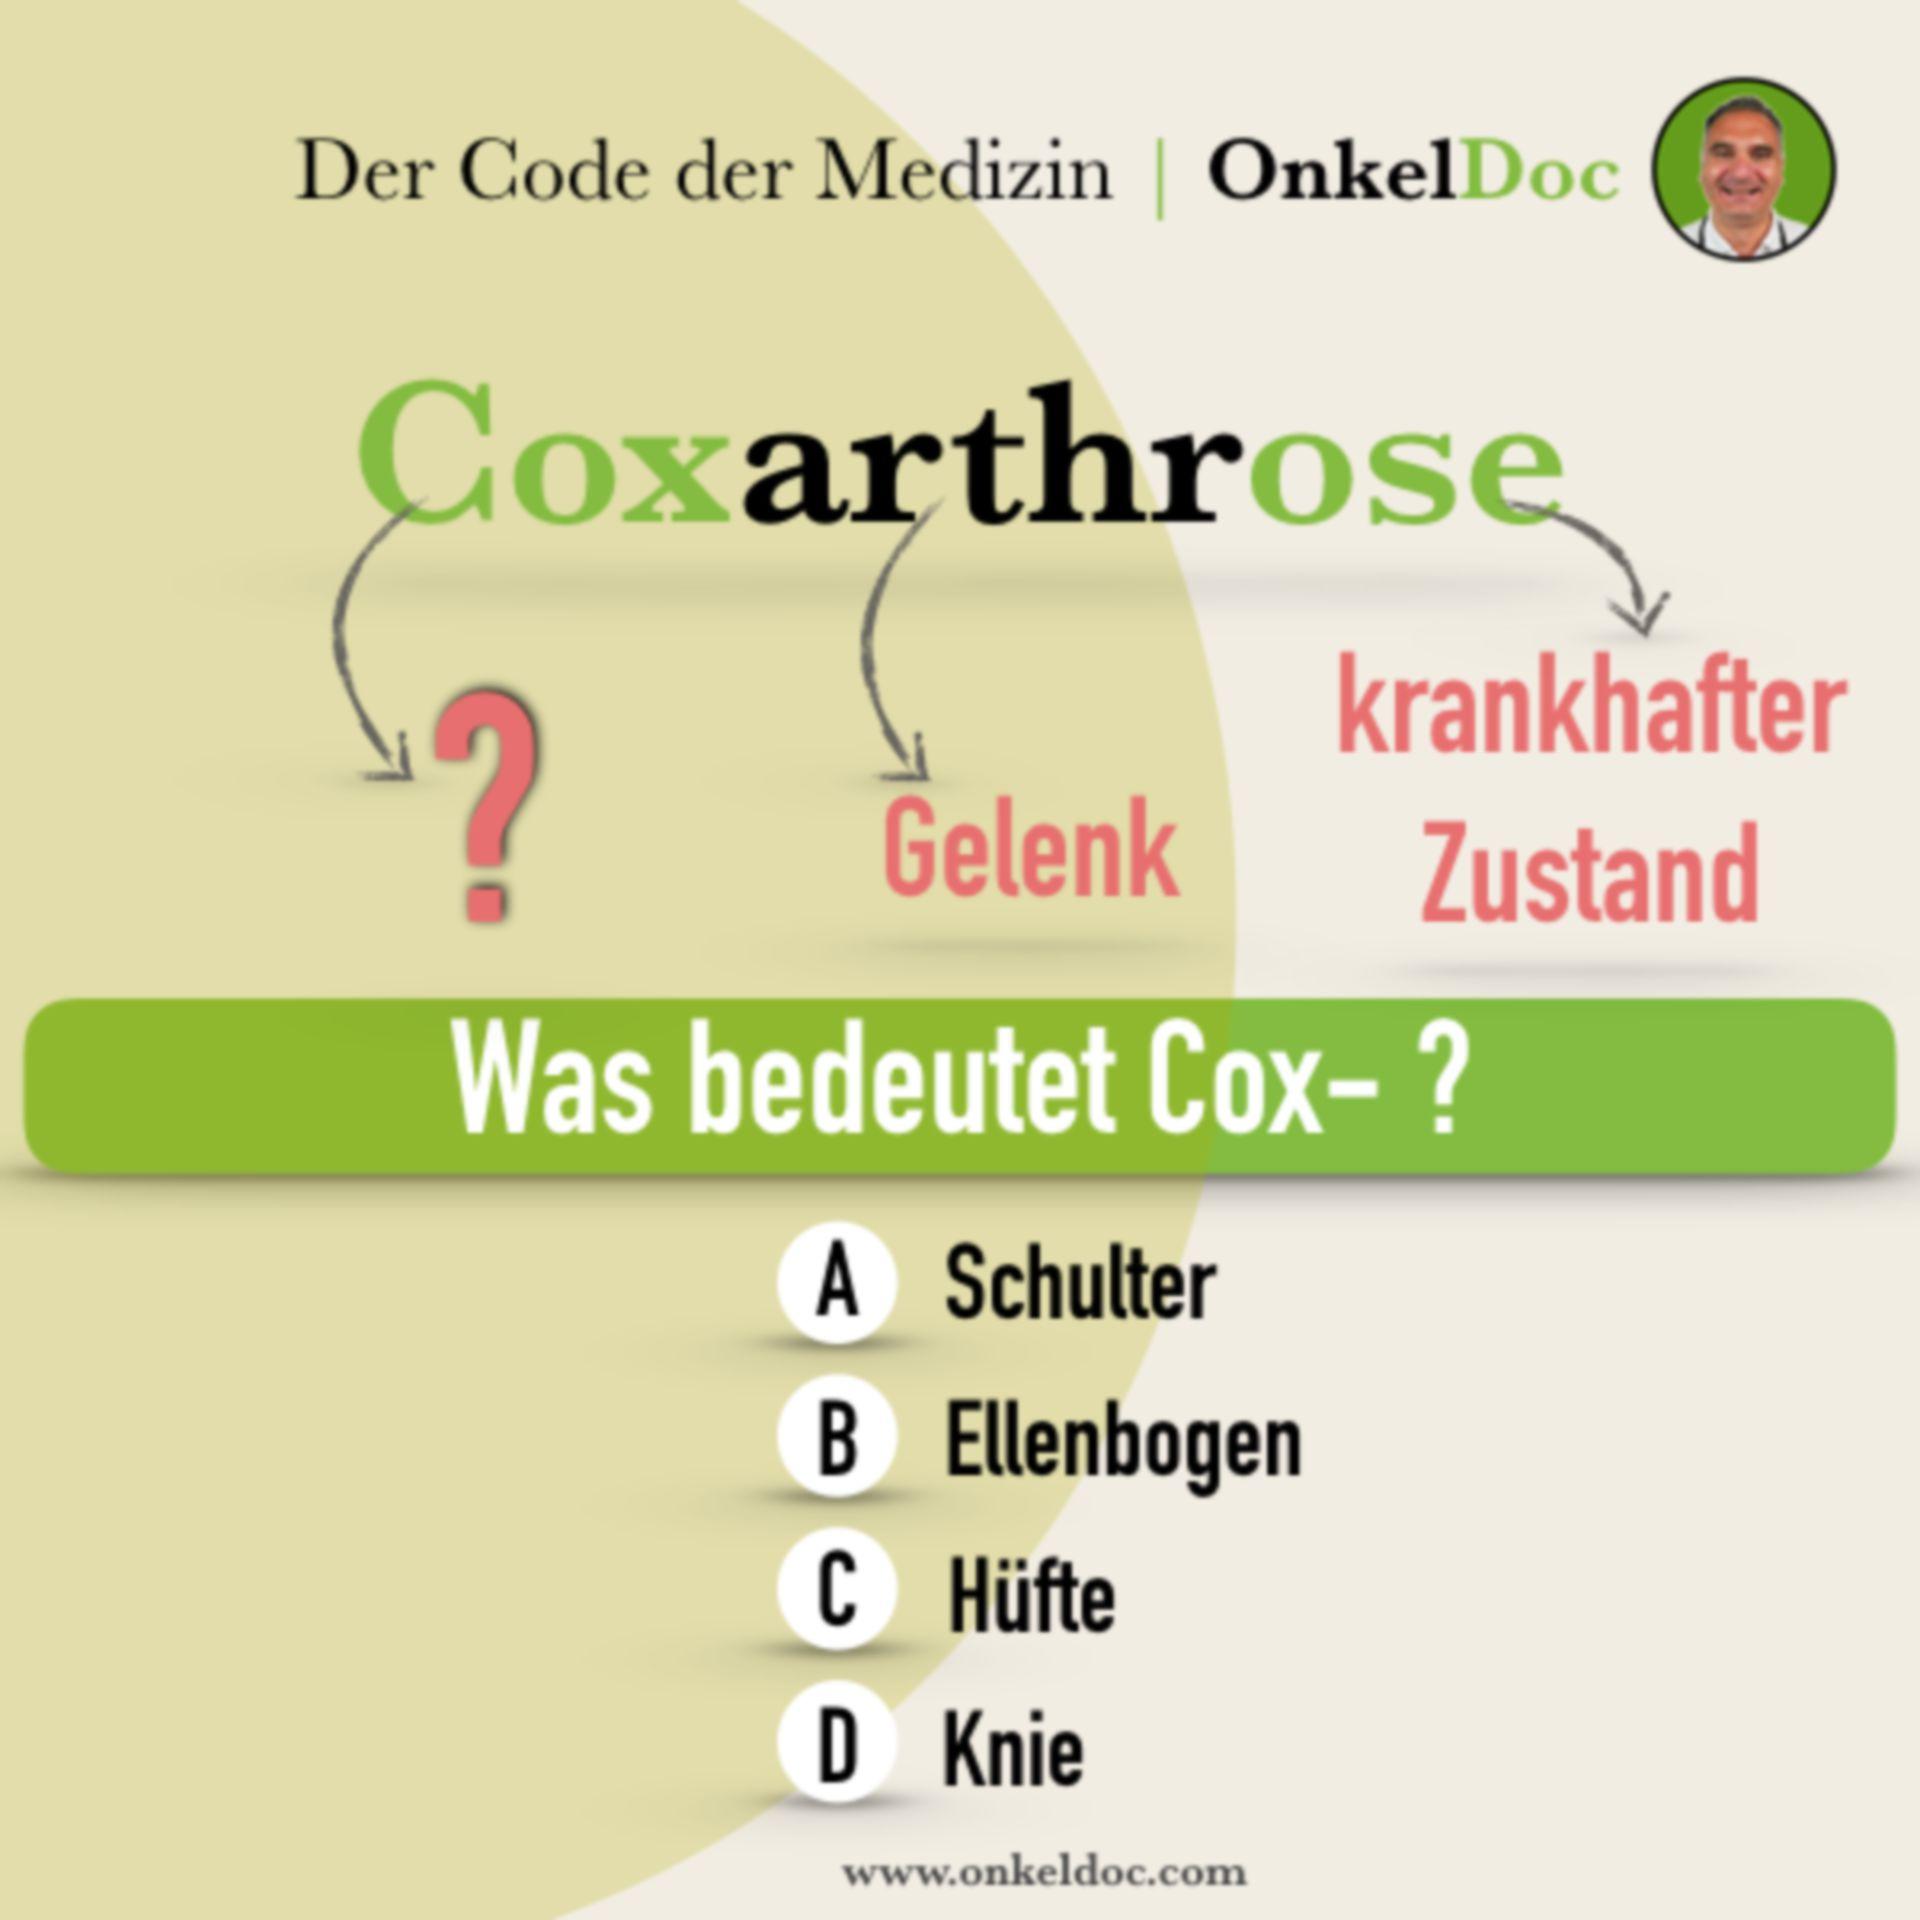 Frage zum Code der Coxarthrose